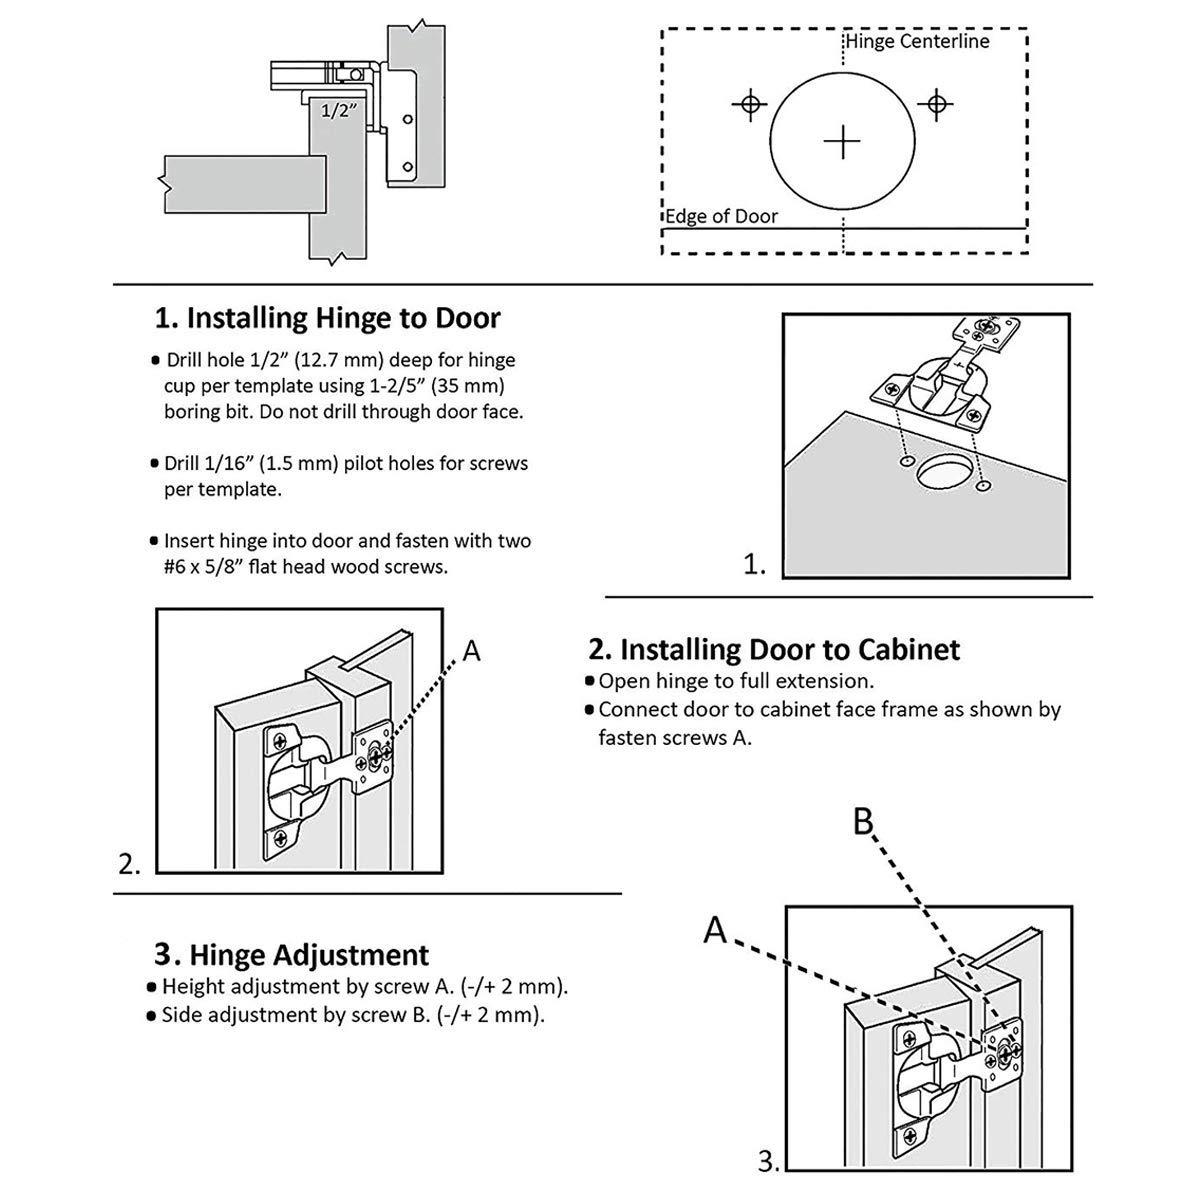 AmazonBasics Soft Close Hinge, 1/2'' Overlay, Nickel Plated, 50-Pack (Renewed) by AmazonBasics (Image #3)